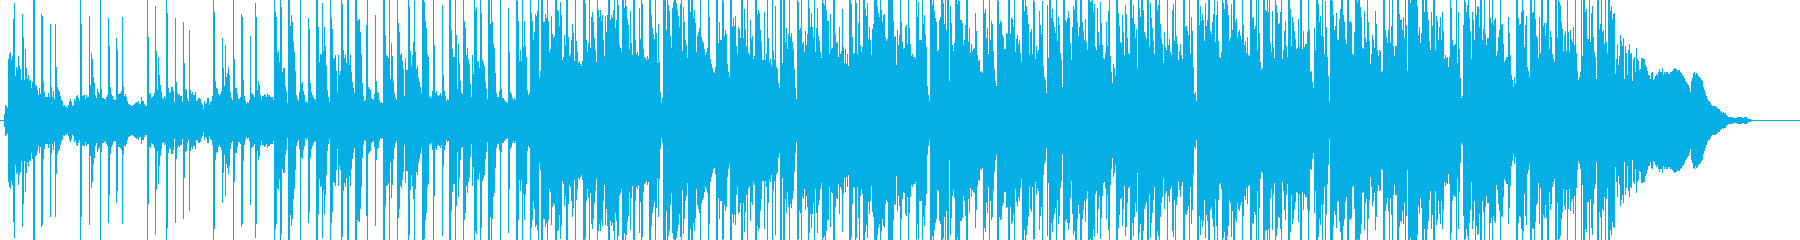 ◎エレピパーカスシンセのチルいビート曲の再生済みの波形